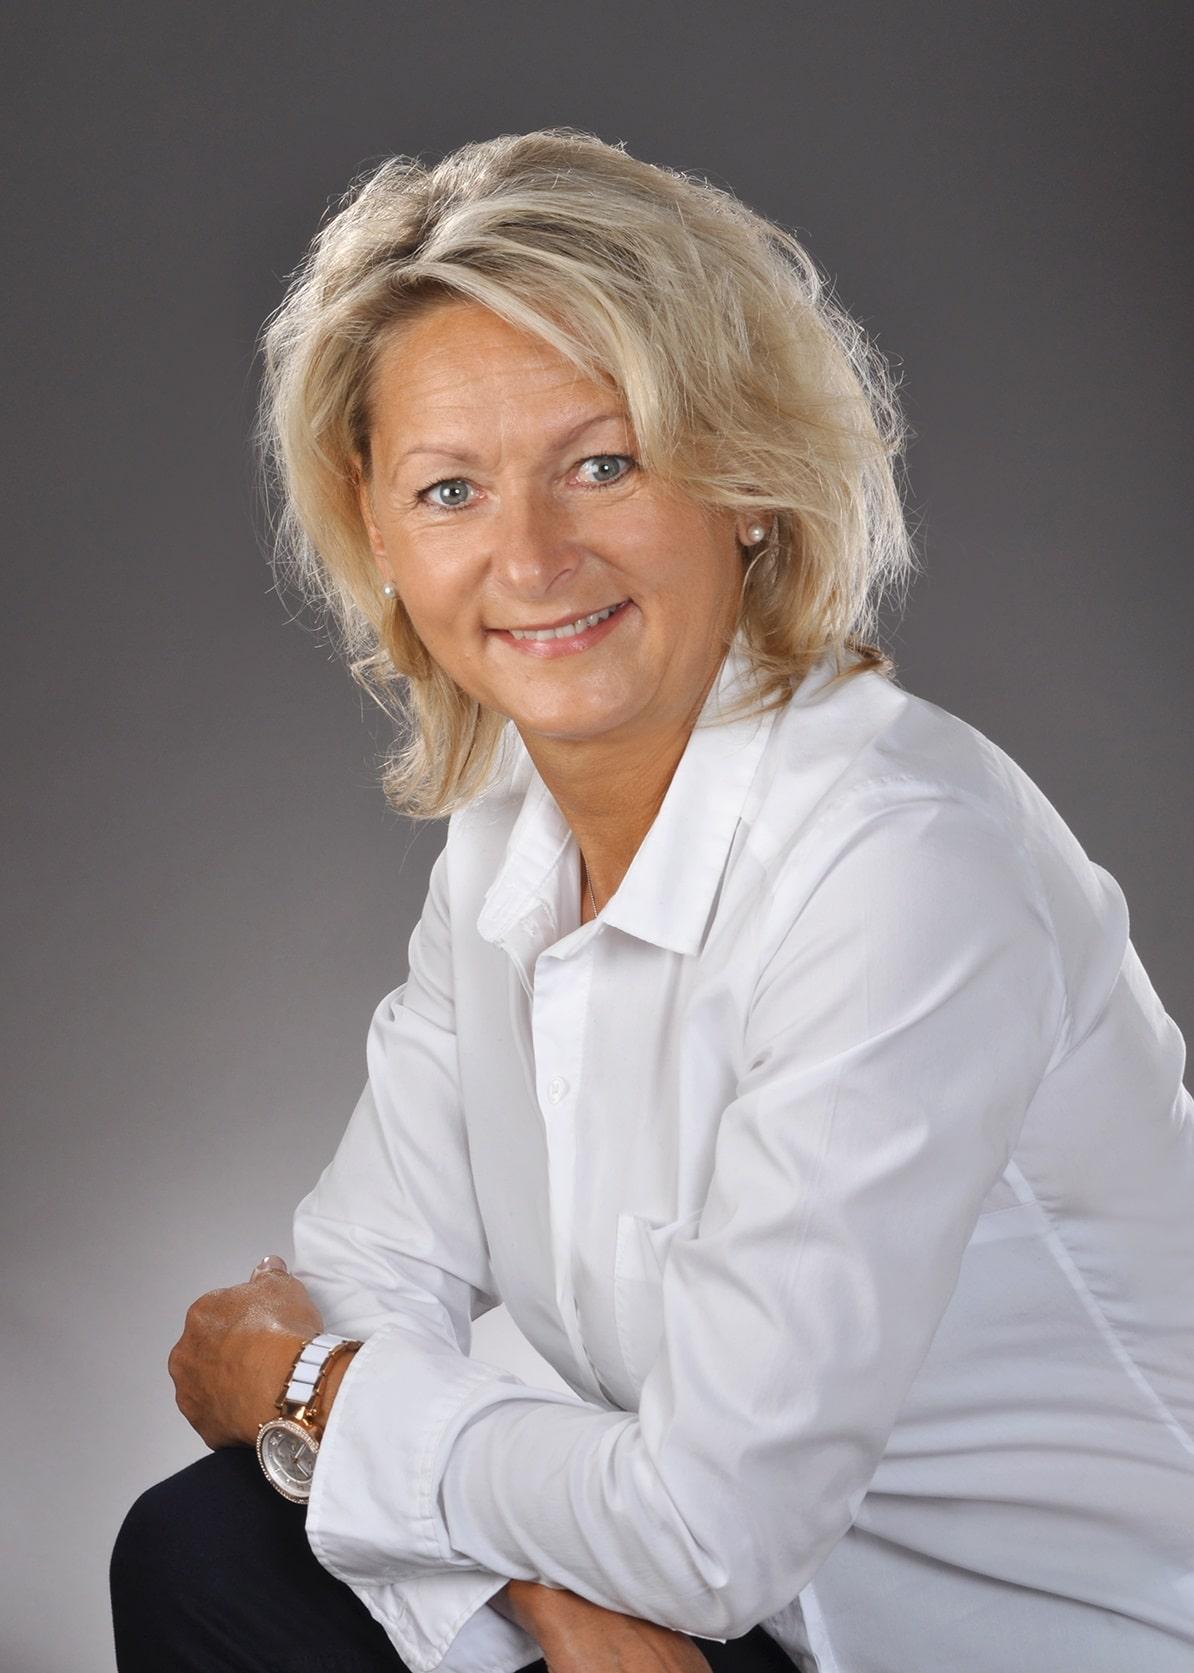 Margit Gerlach